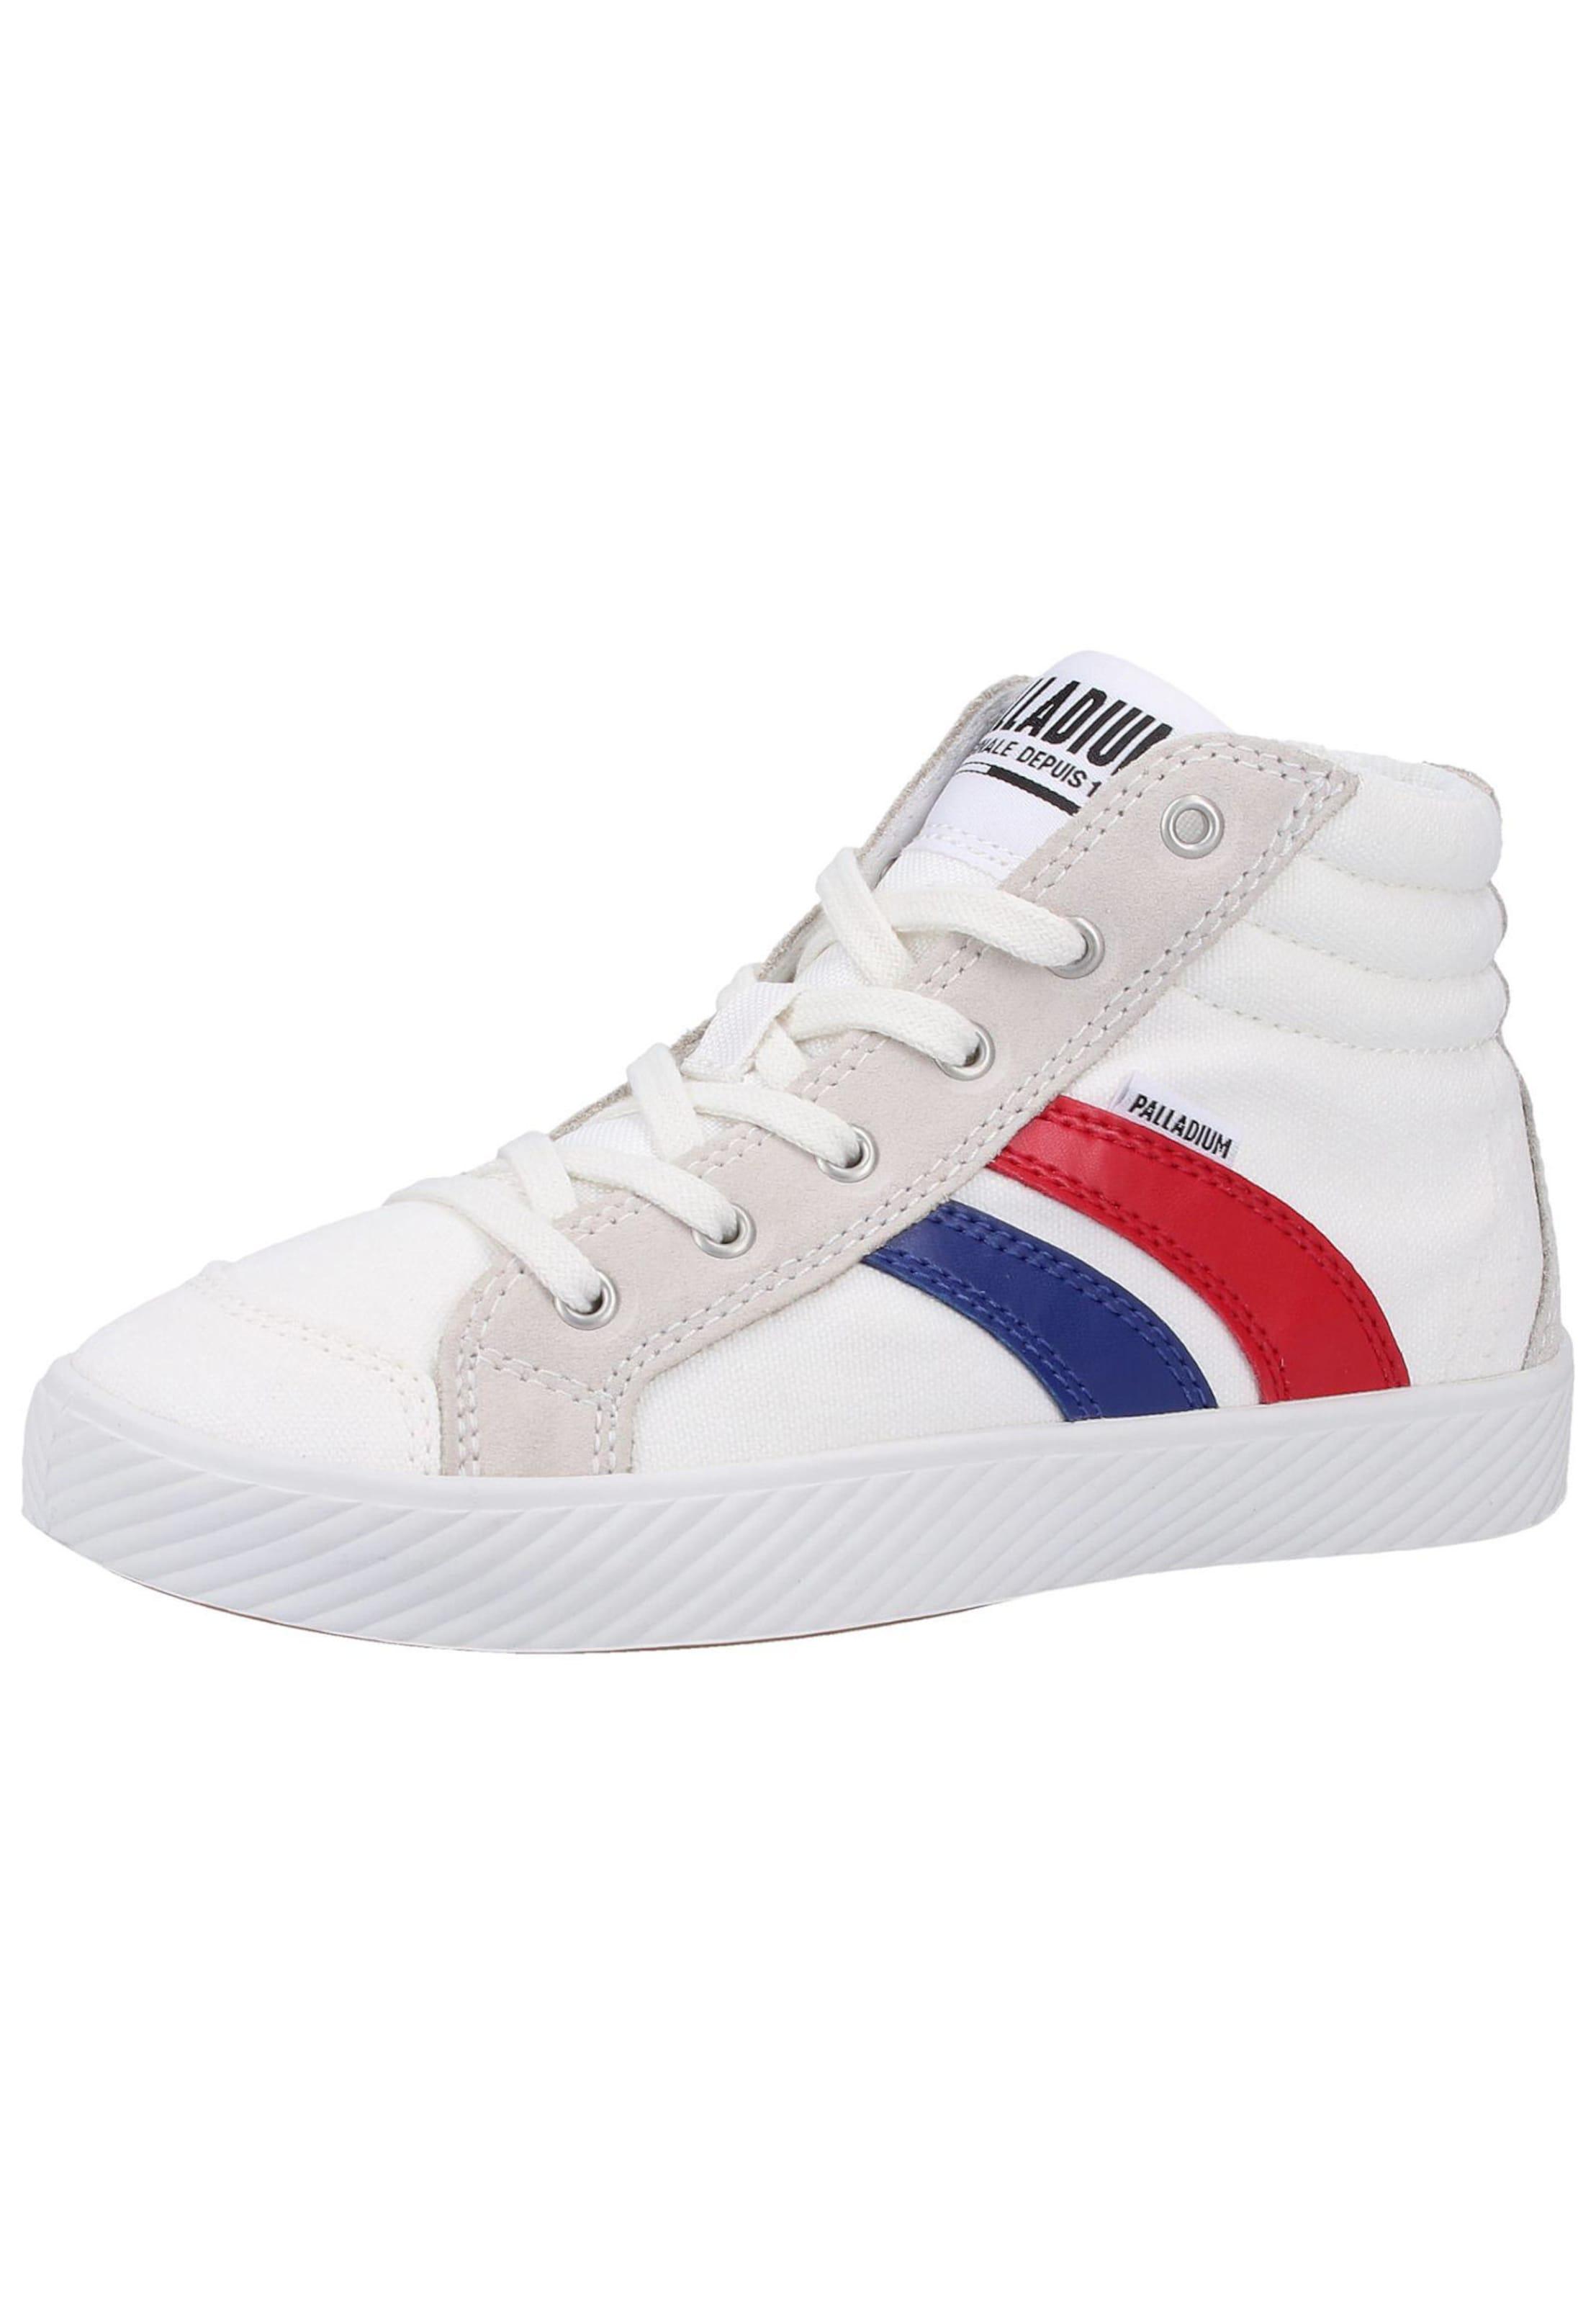 Jungen,  Kinder,  Kinder Palladium Sneaker blau, blau,  rot,  weiß | 03610942438518